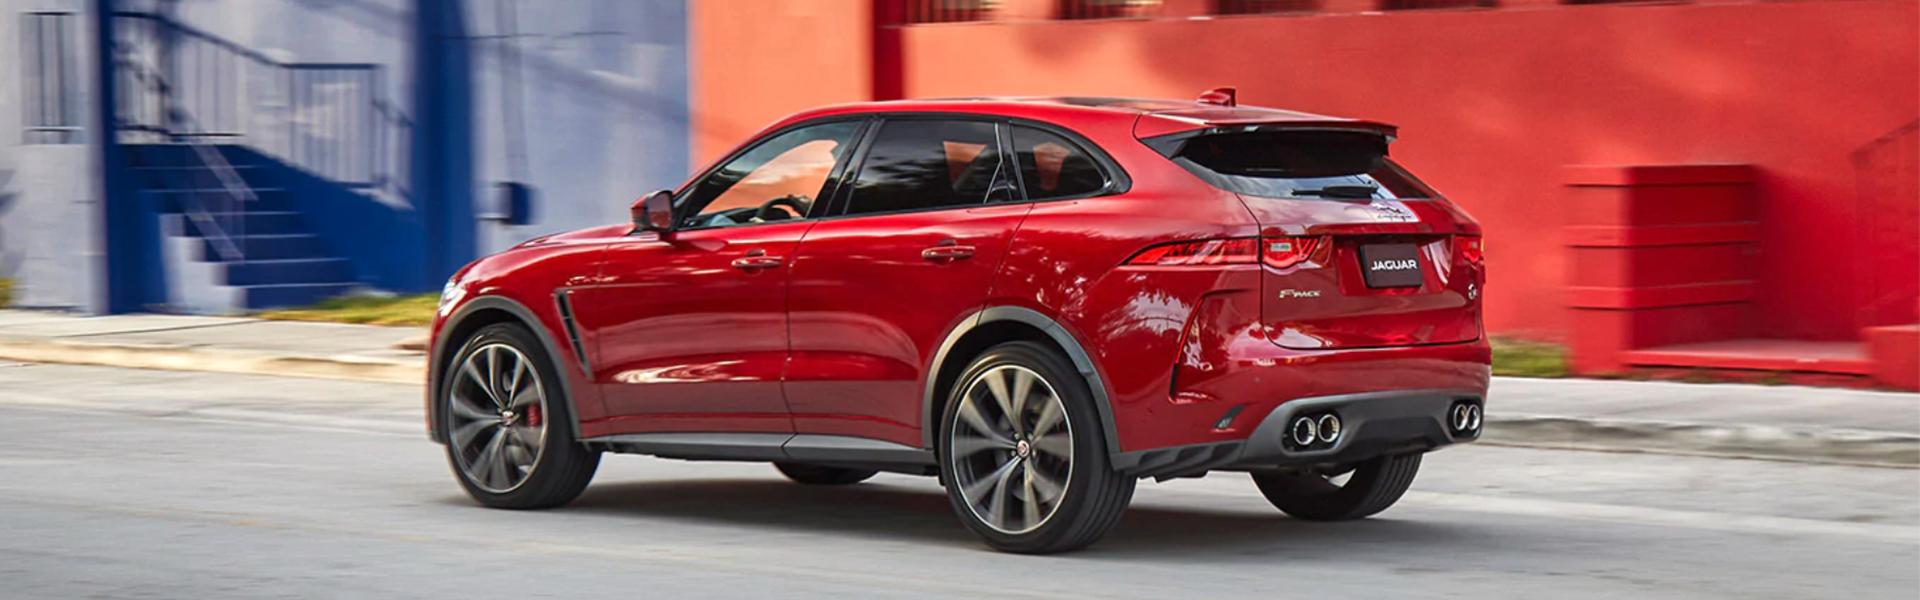 Jaguar F-Pace Hero